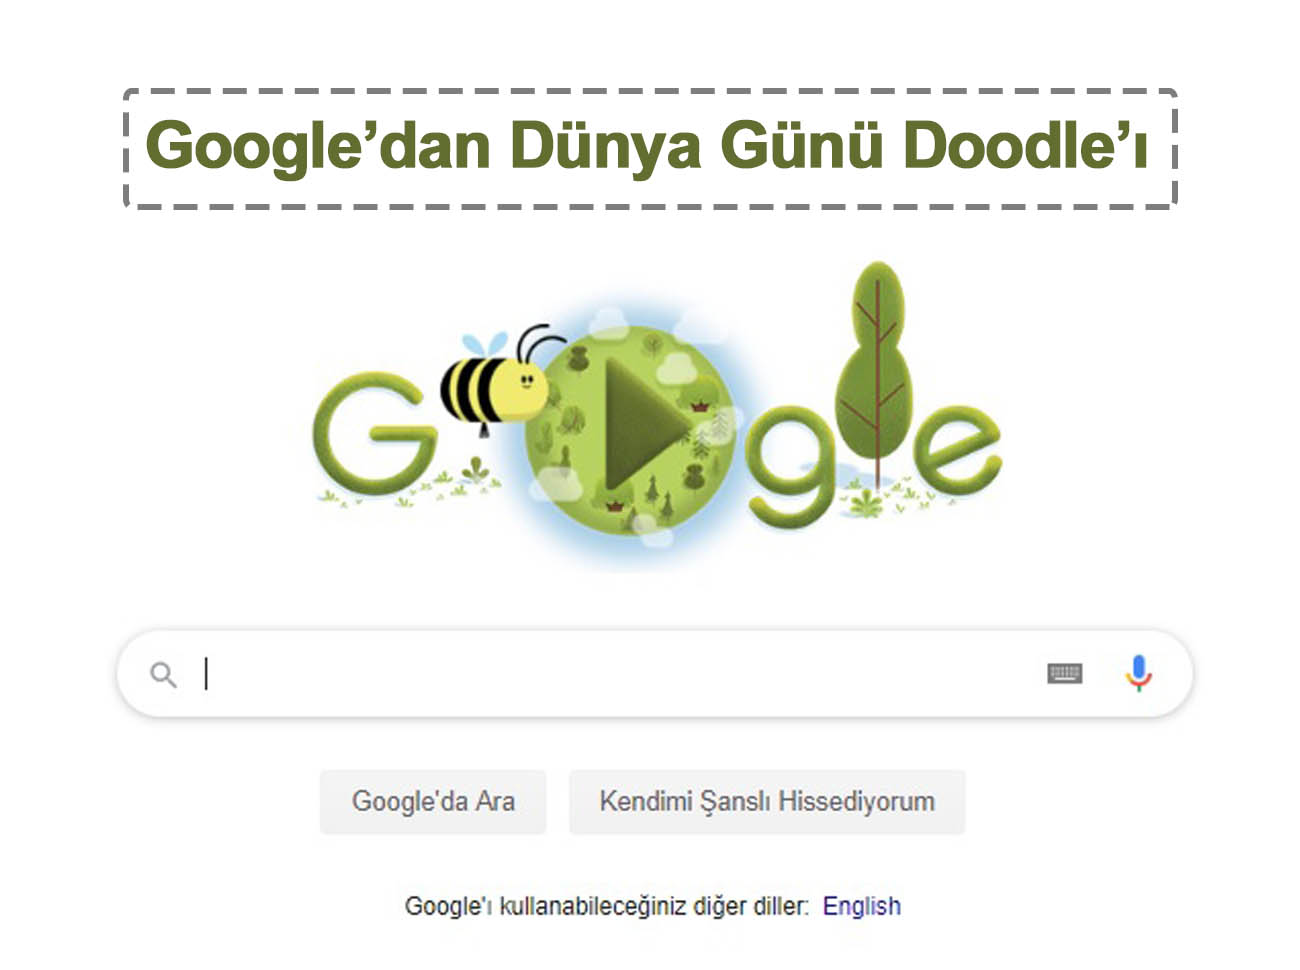 Google Dünya Günü 2020